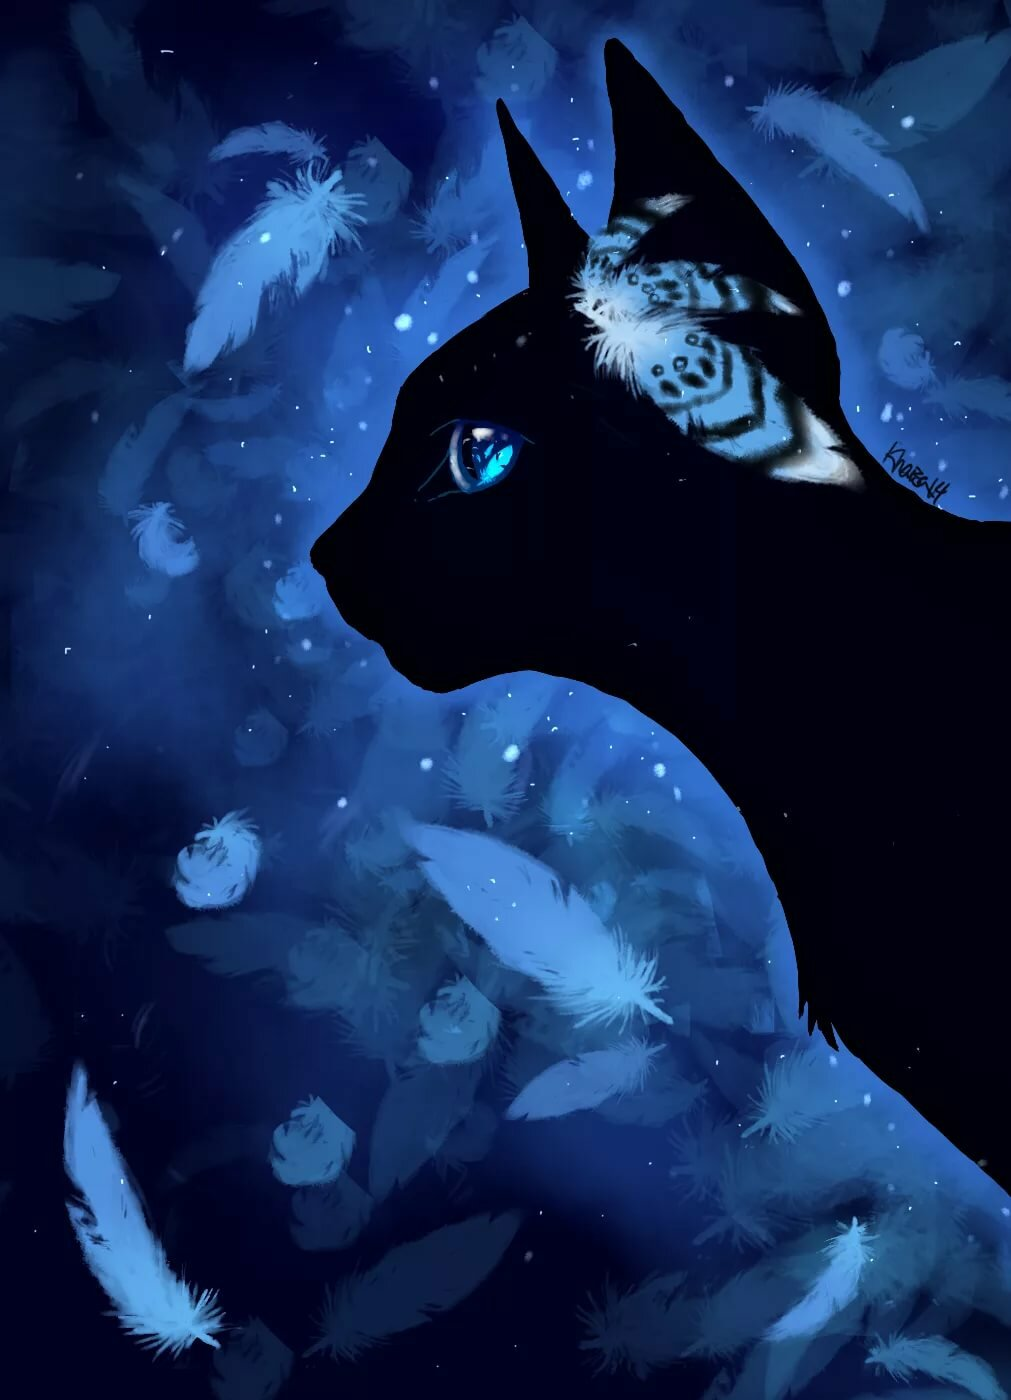 картинки с черными кошками с голубыми